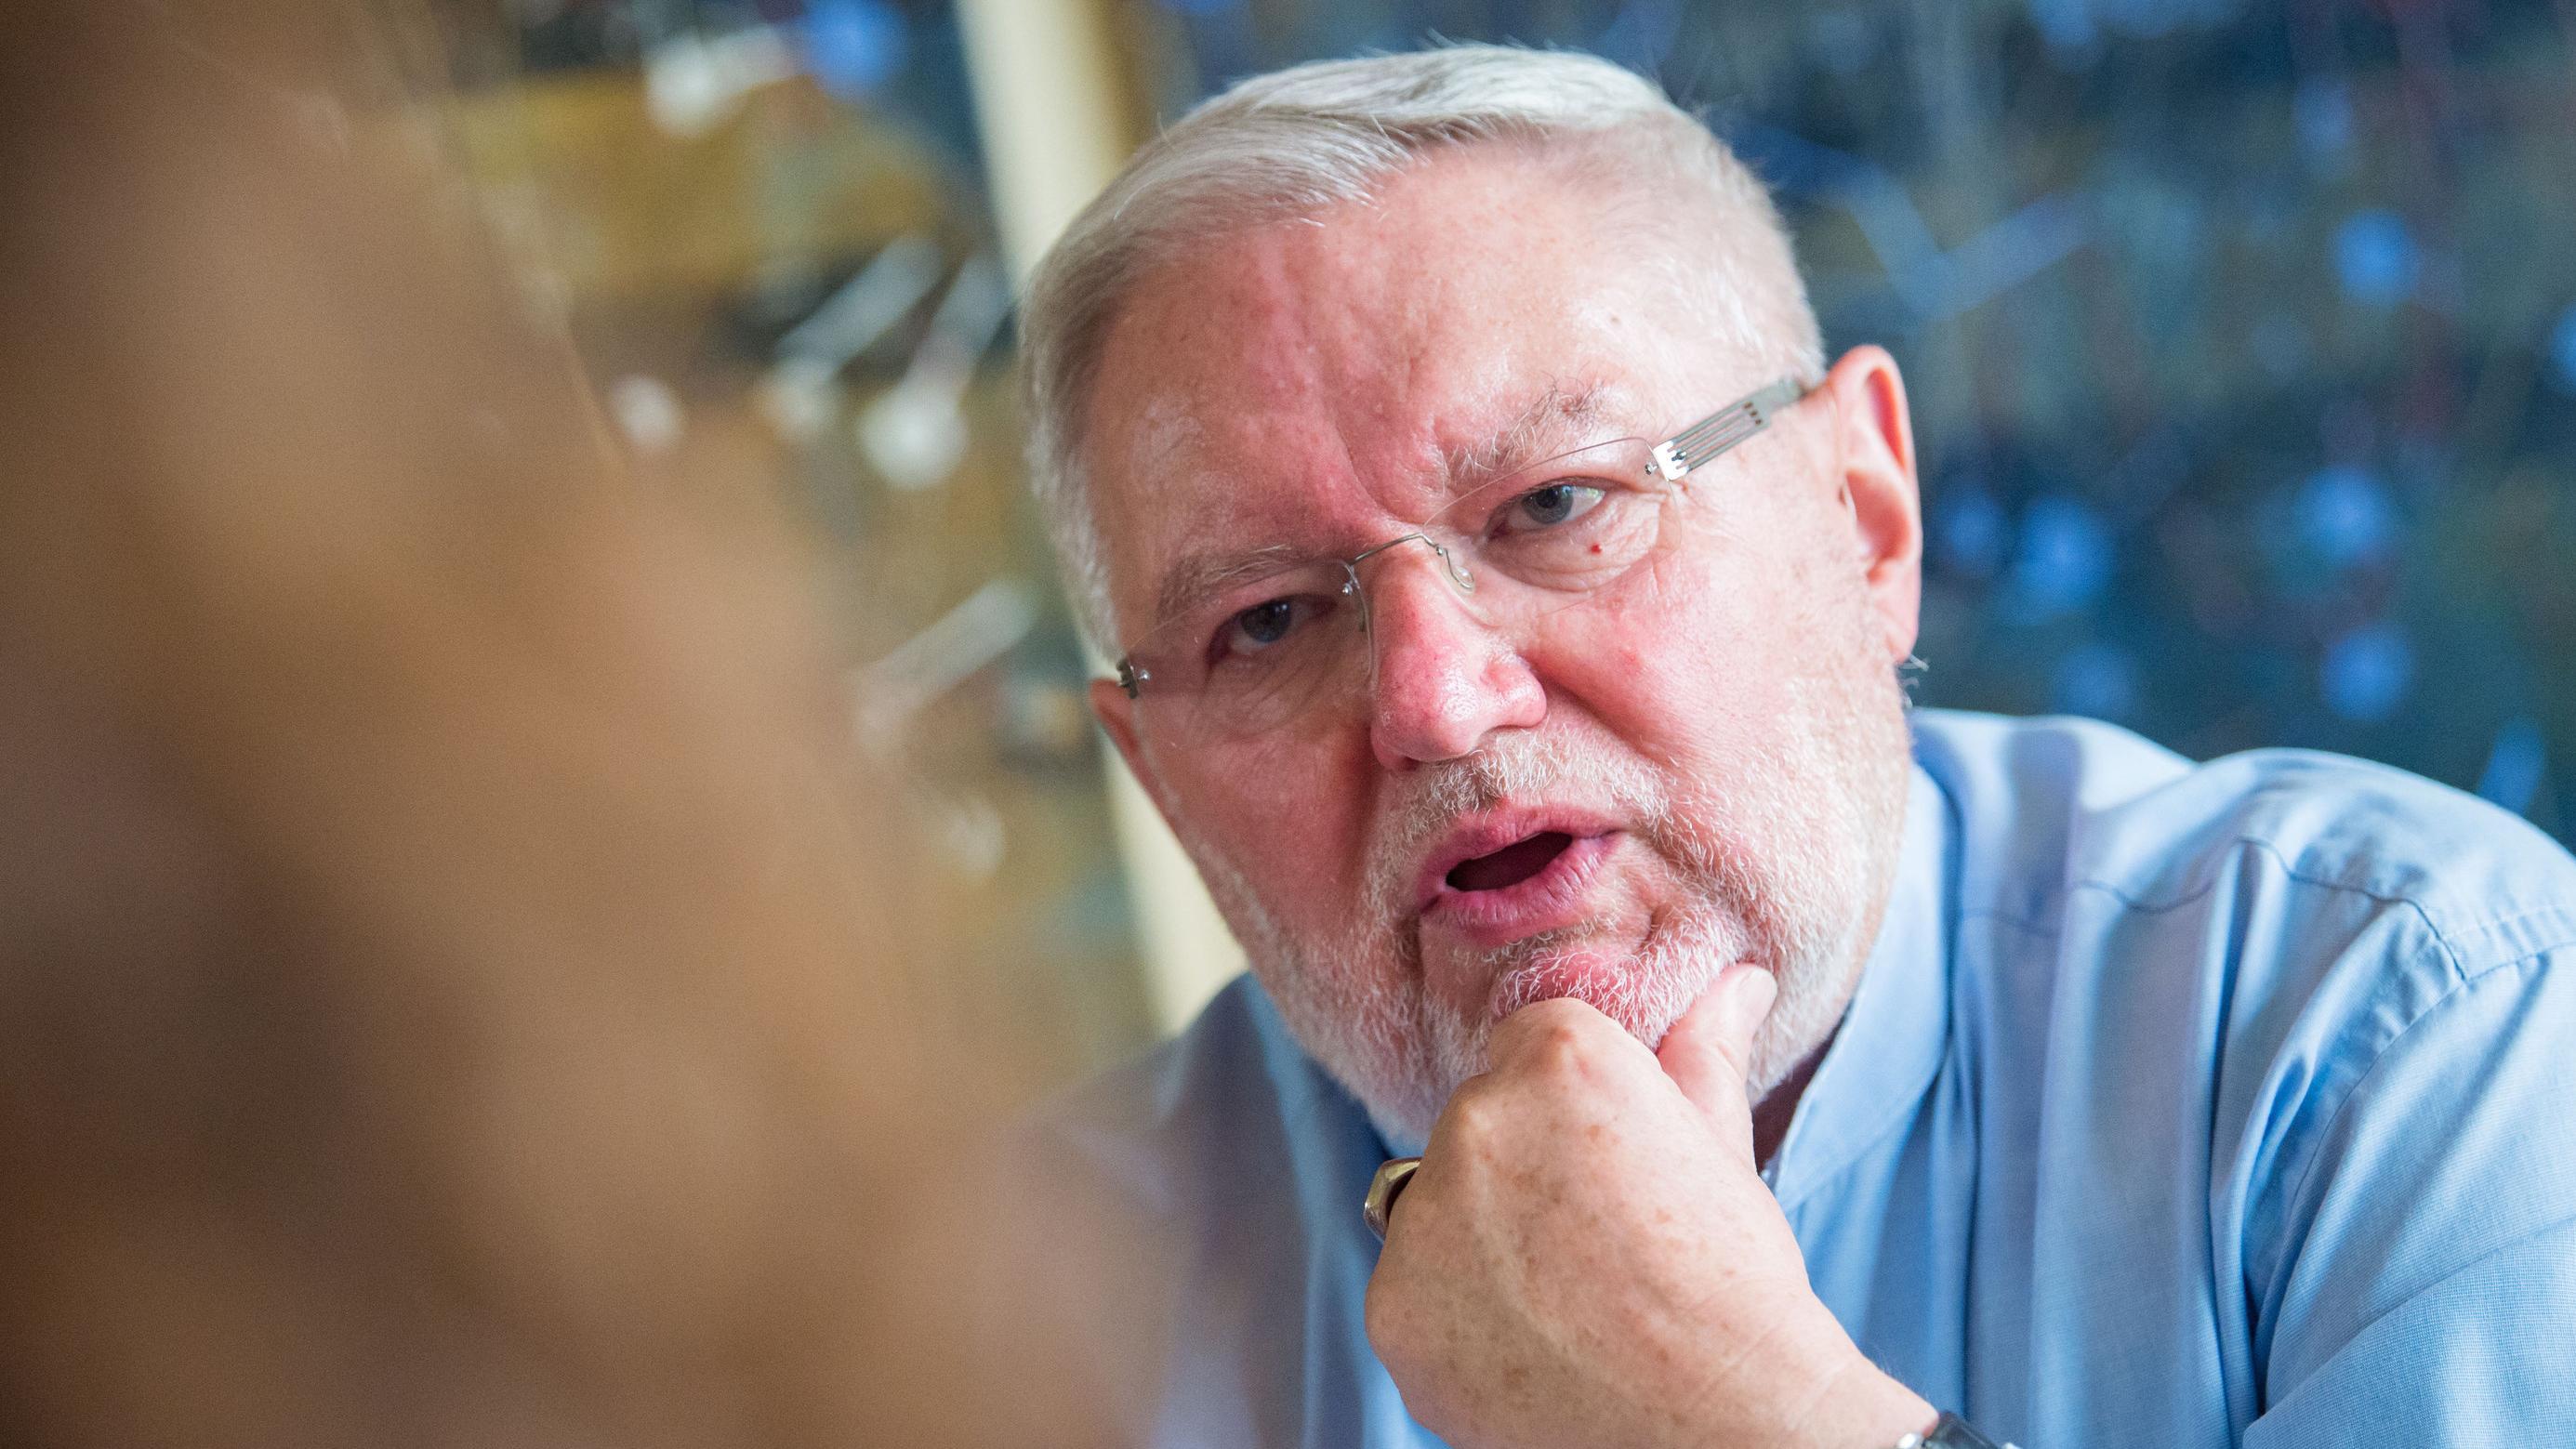 Anselm Bilgri, ehemaliger Benediktinermönch, bei einem Interviewtermin